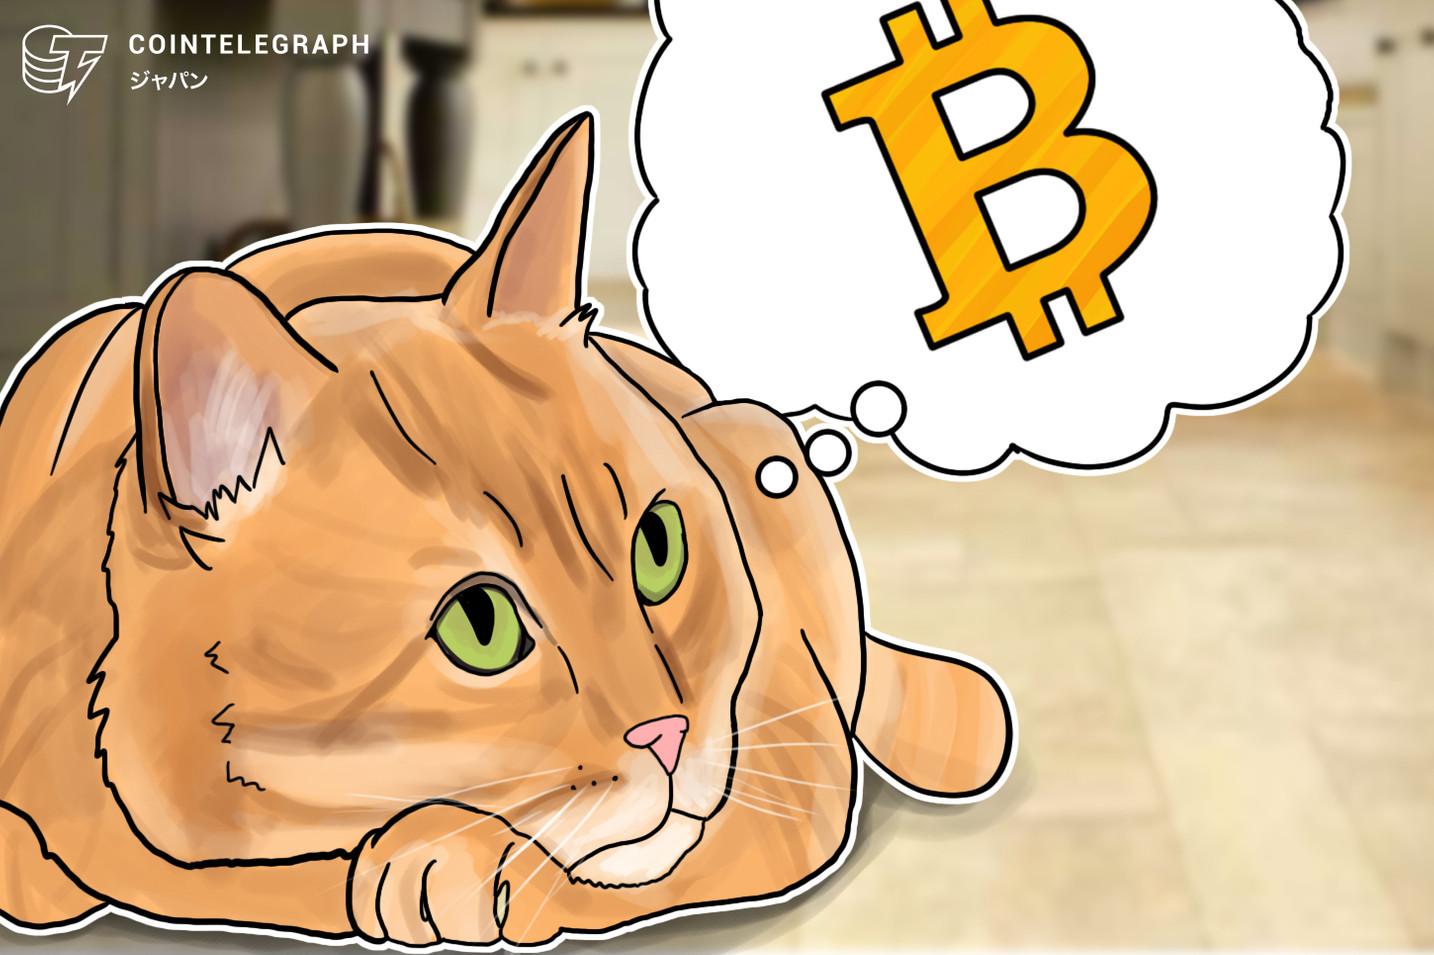 【12月4日 昼の仮想通貨ニュースまとめ】 ビットコインとリップルで明暗?